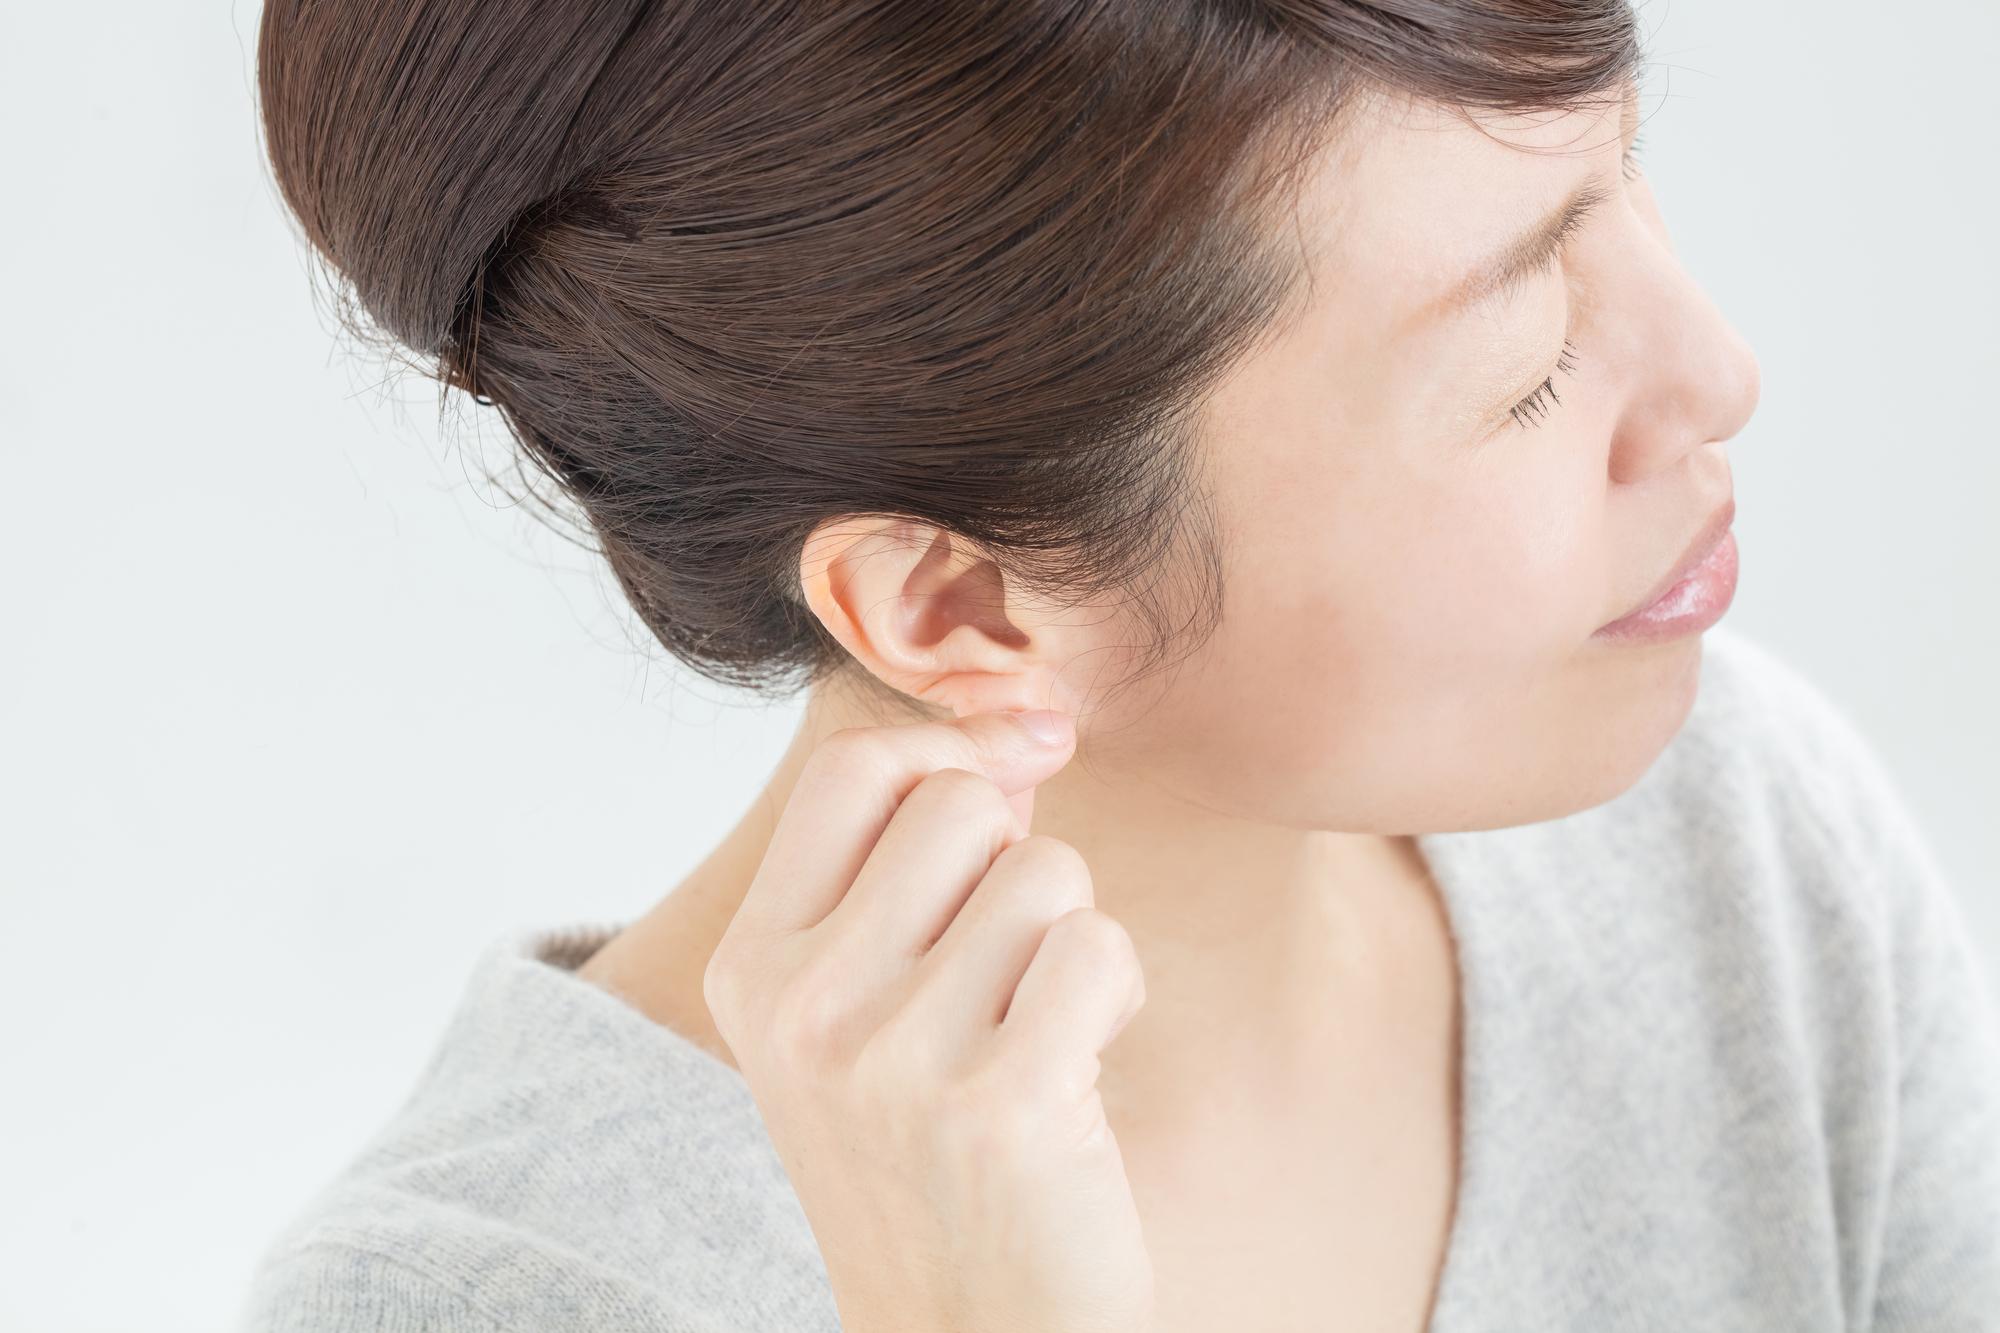 耳を引っ張る女性